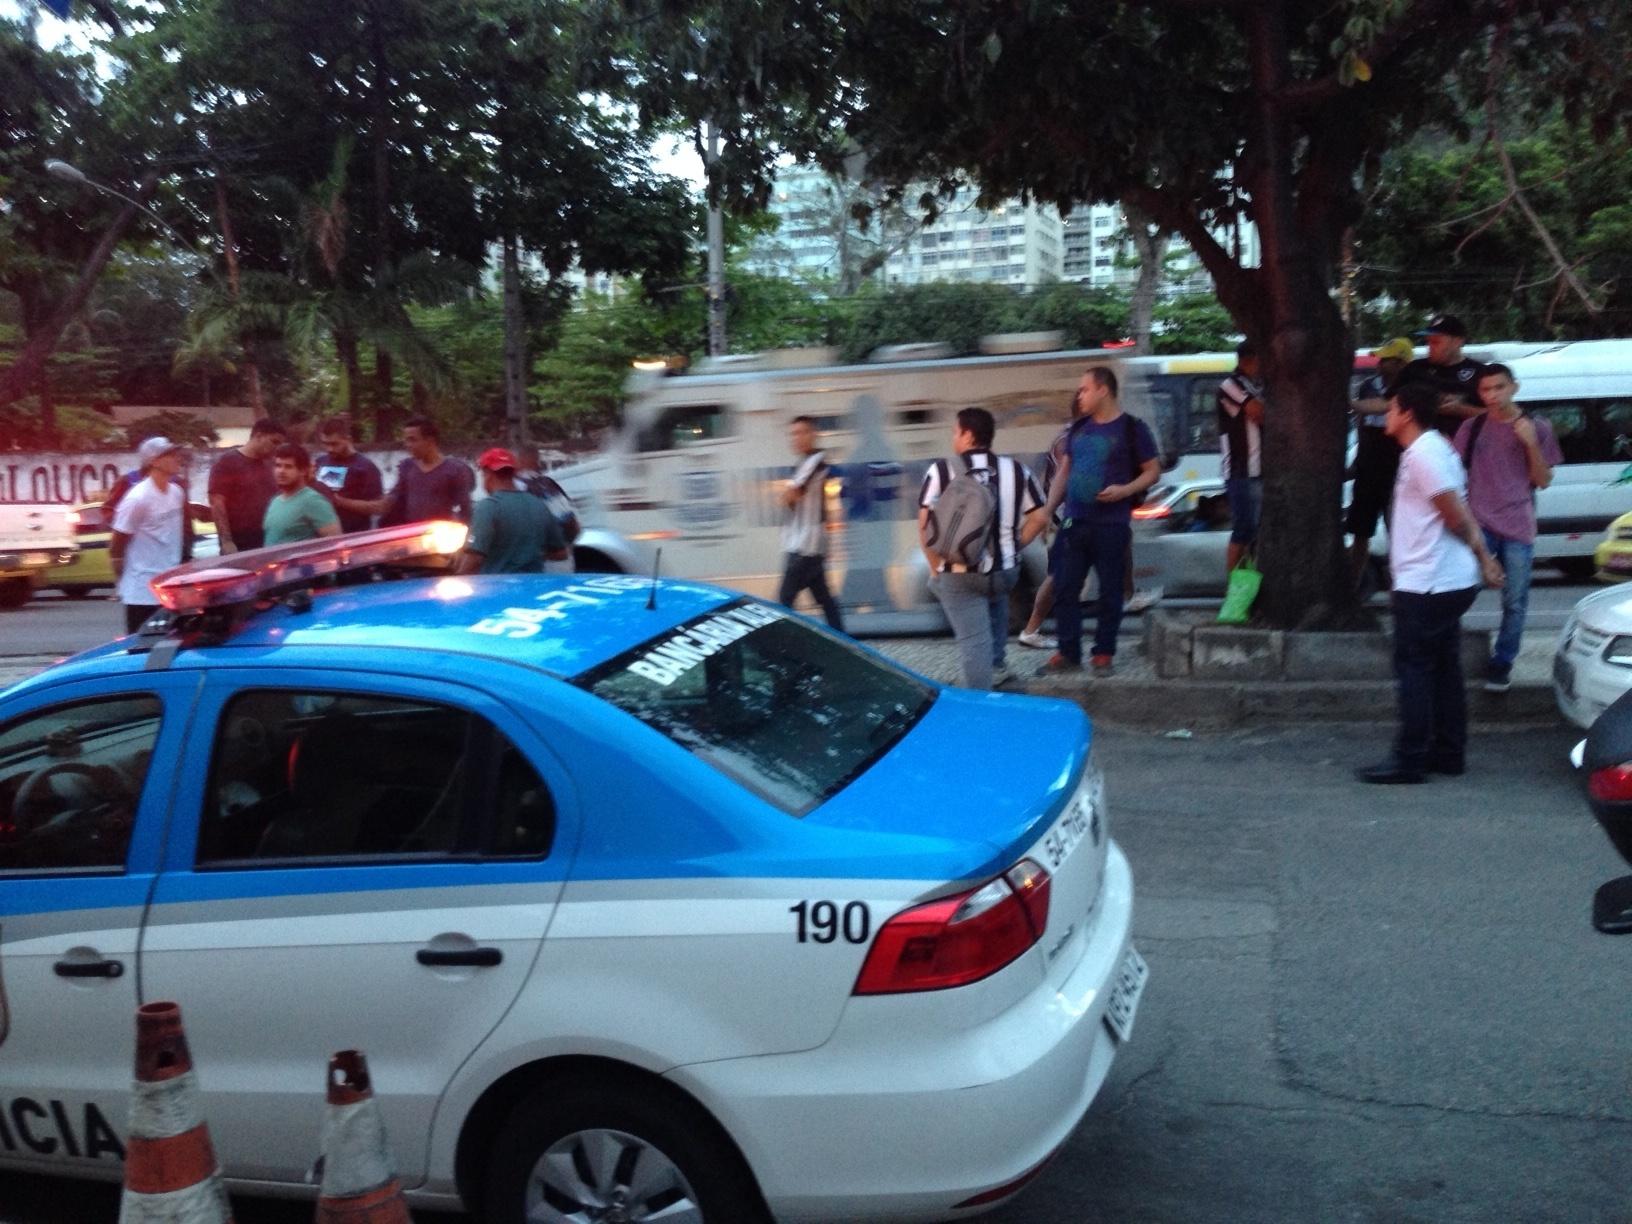 03 out. 2014 - Carro da Polícia Militar parado próximo ao protesto organizado por torcedores do Botafogo contra presidente Maurício Assumpção